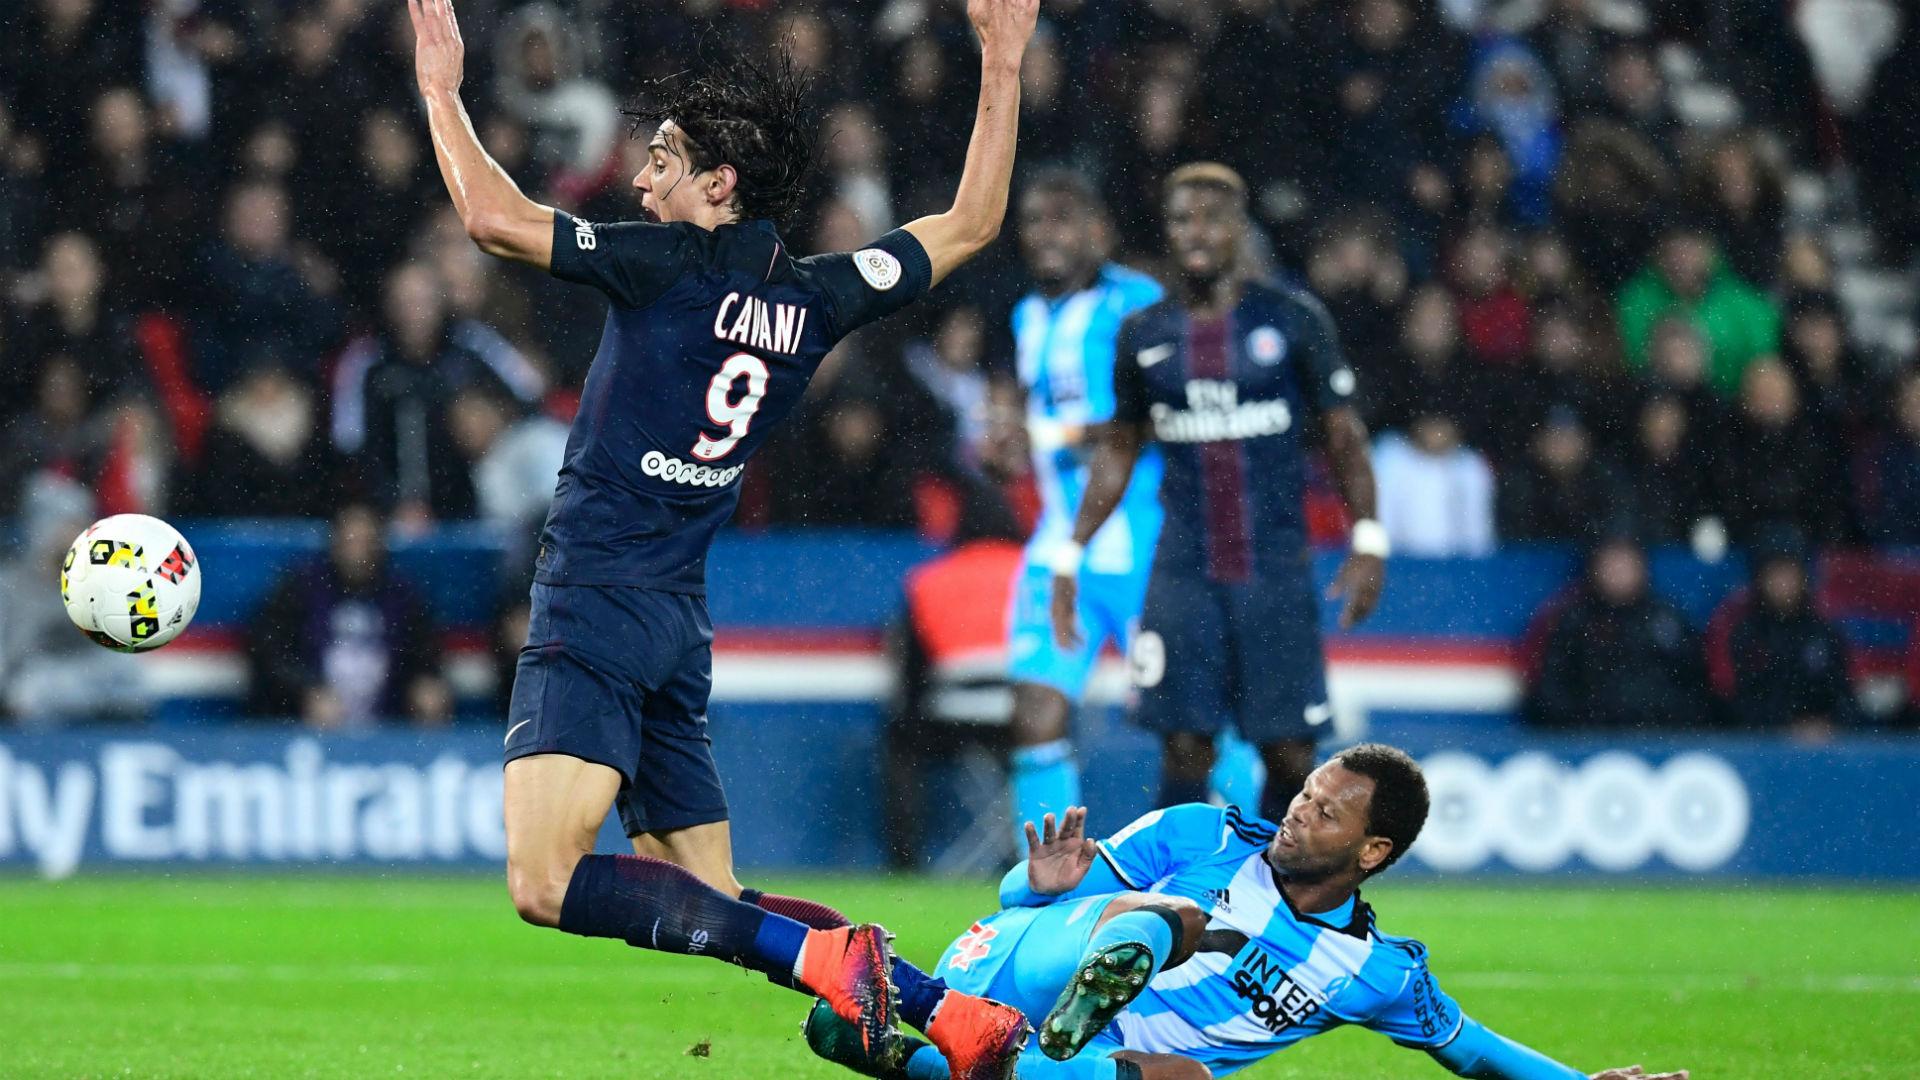 El PSG se estrella con el Marsella (0-0) y el Niza se consolida en el liderato